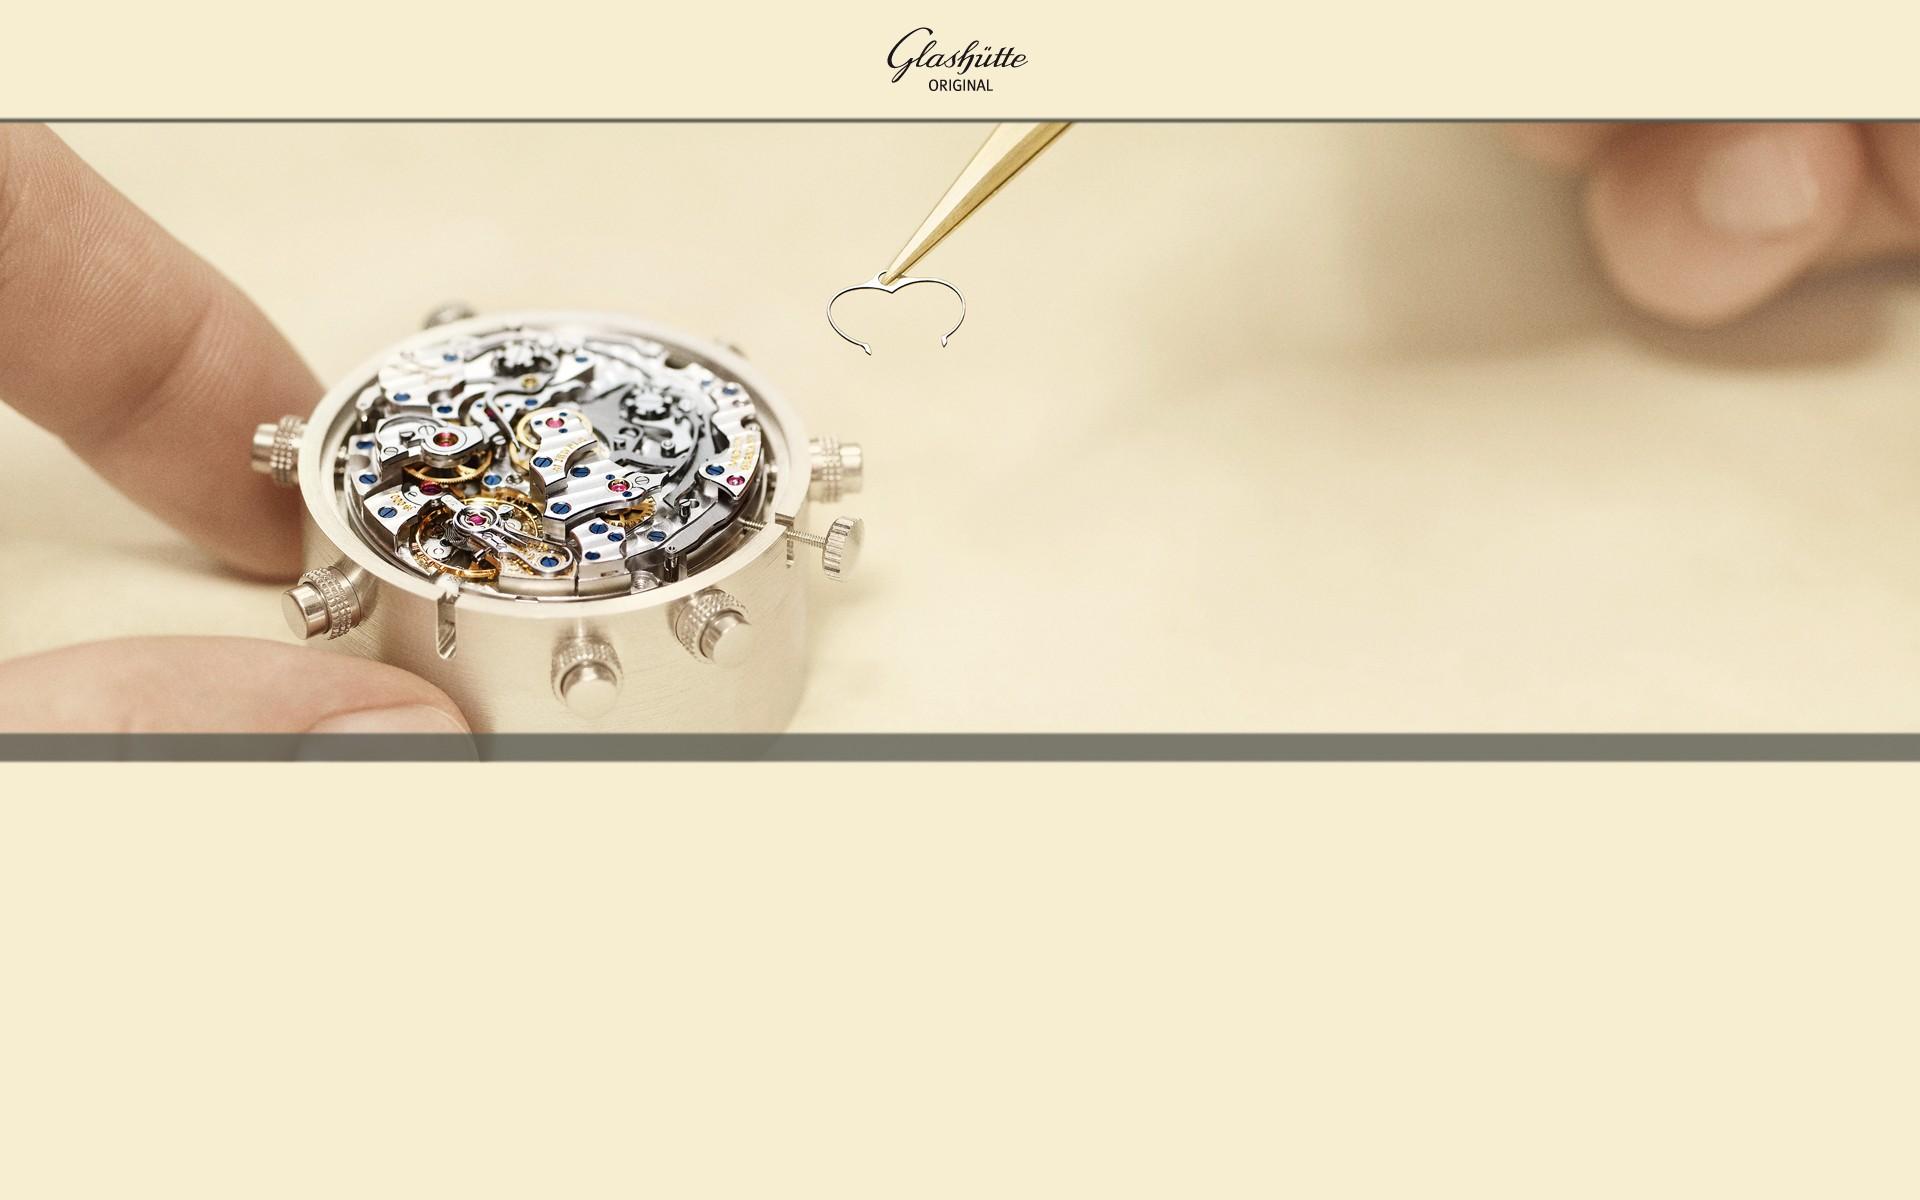 Wallpaper : watch, circle, brand, luxury watches, Glash tte, hand ...